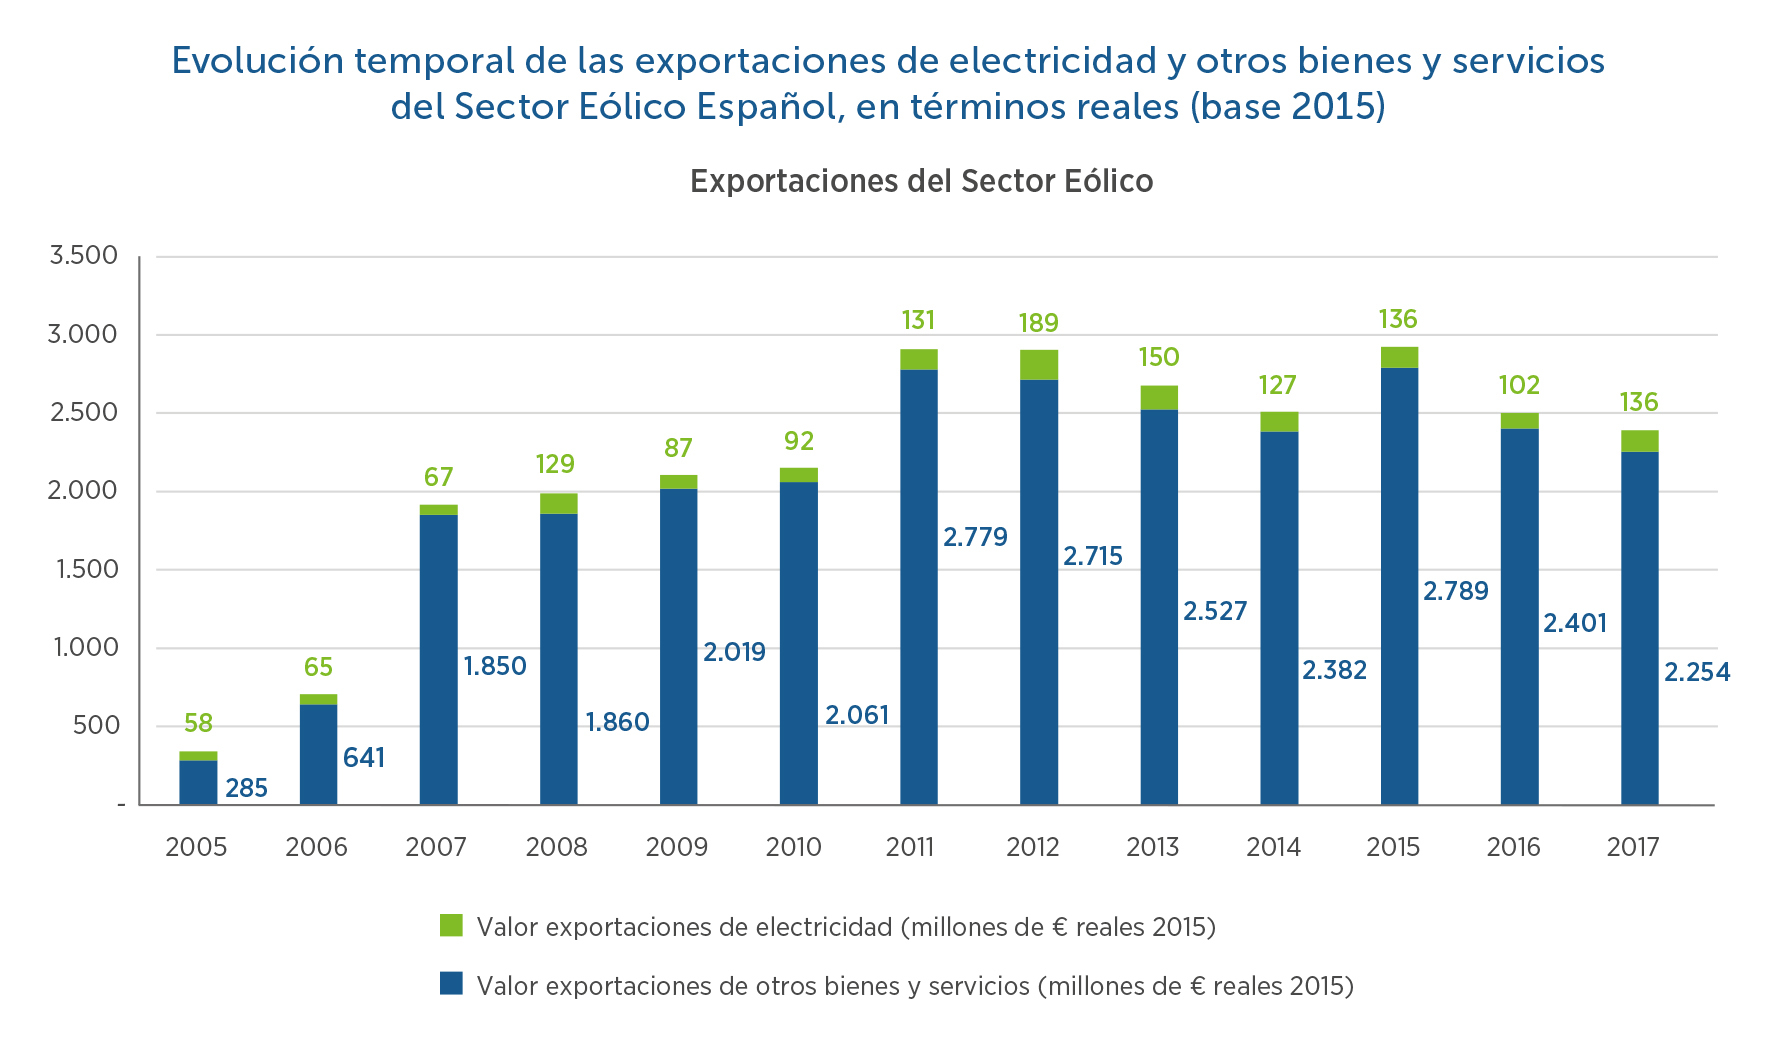 14-Evolucin-temporal-exportaciones-electricidad-y-otro-bienes-y-servicios-del-sector-elico-espaol